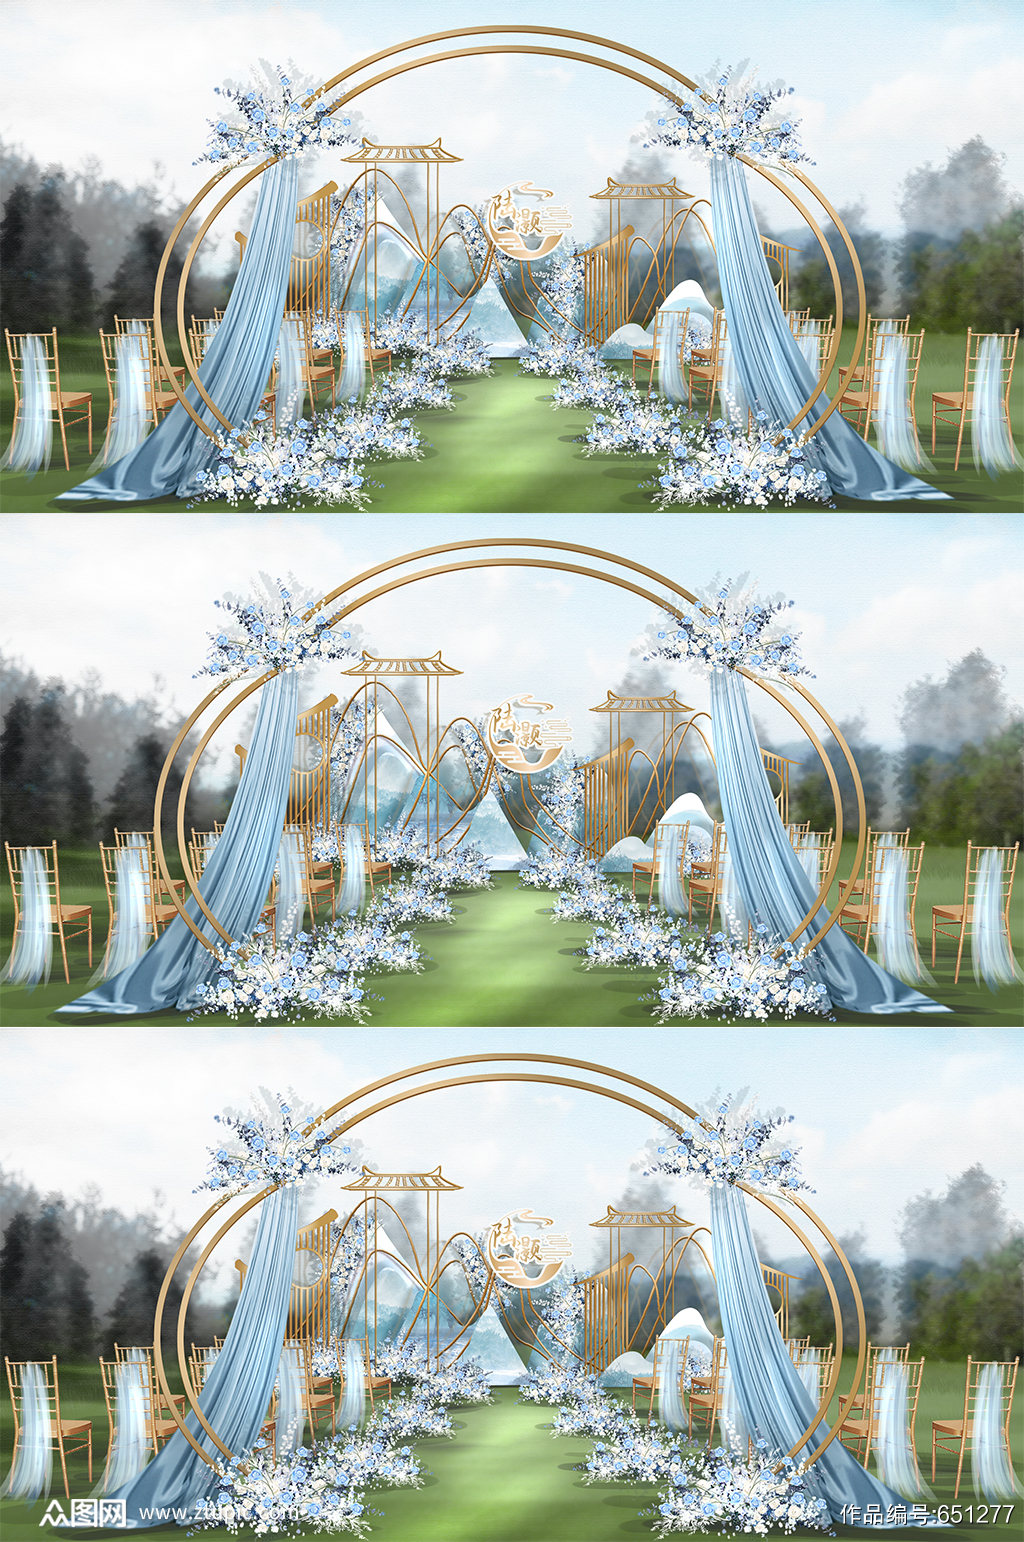 农村草坪户外蓝色婚礼布置效果图婚庆主题素材